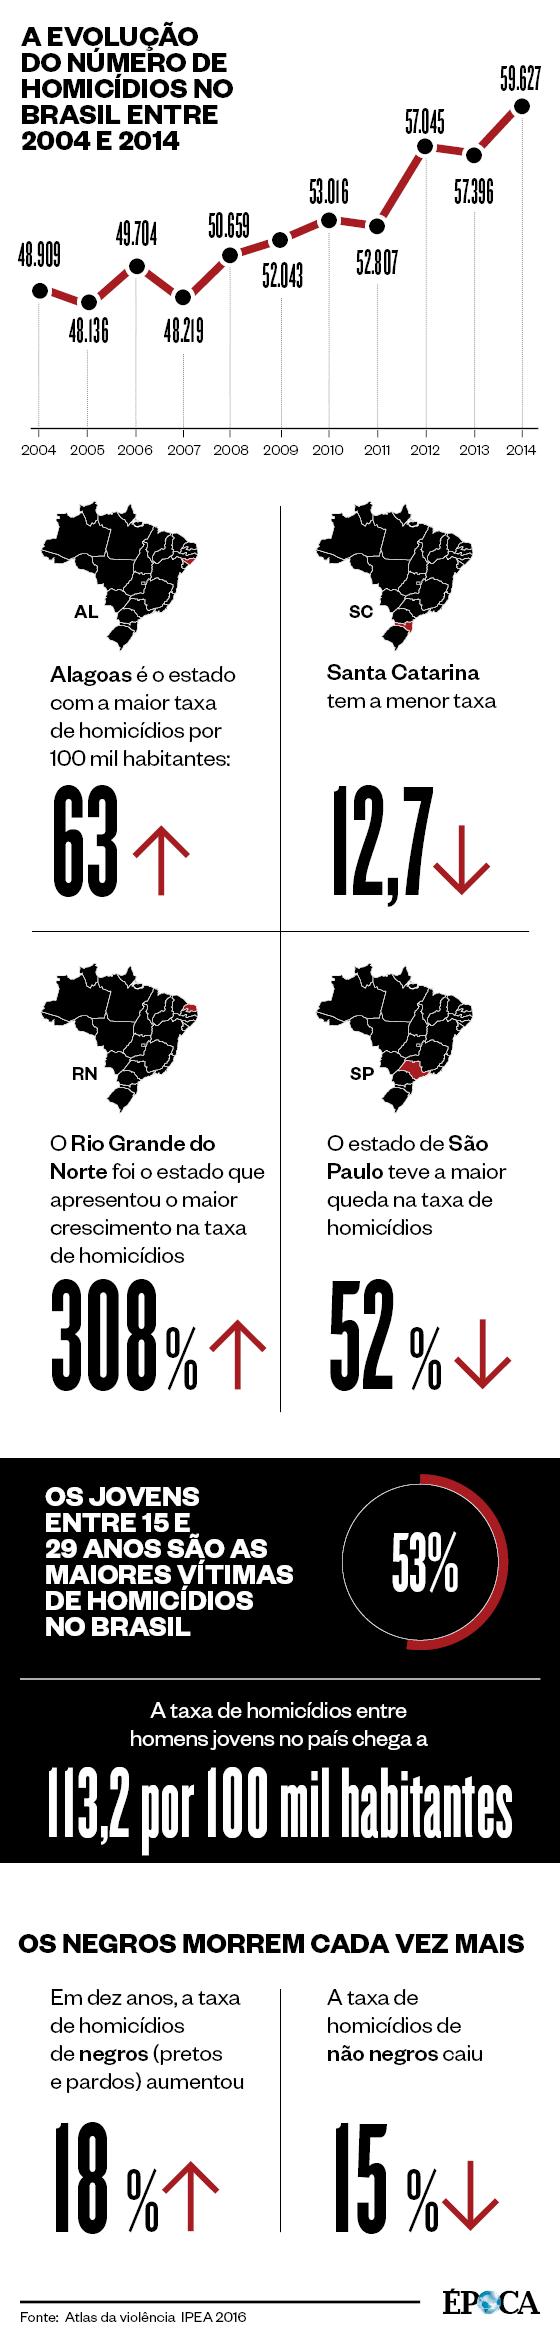 Infográfico sobre a evolução nos números de homicídios no Brasil  (Foto: Época )